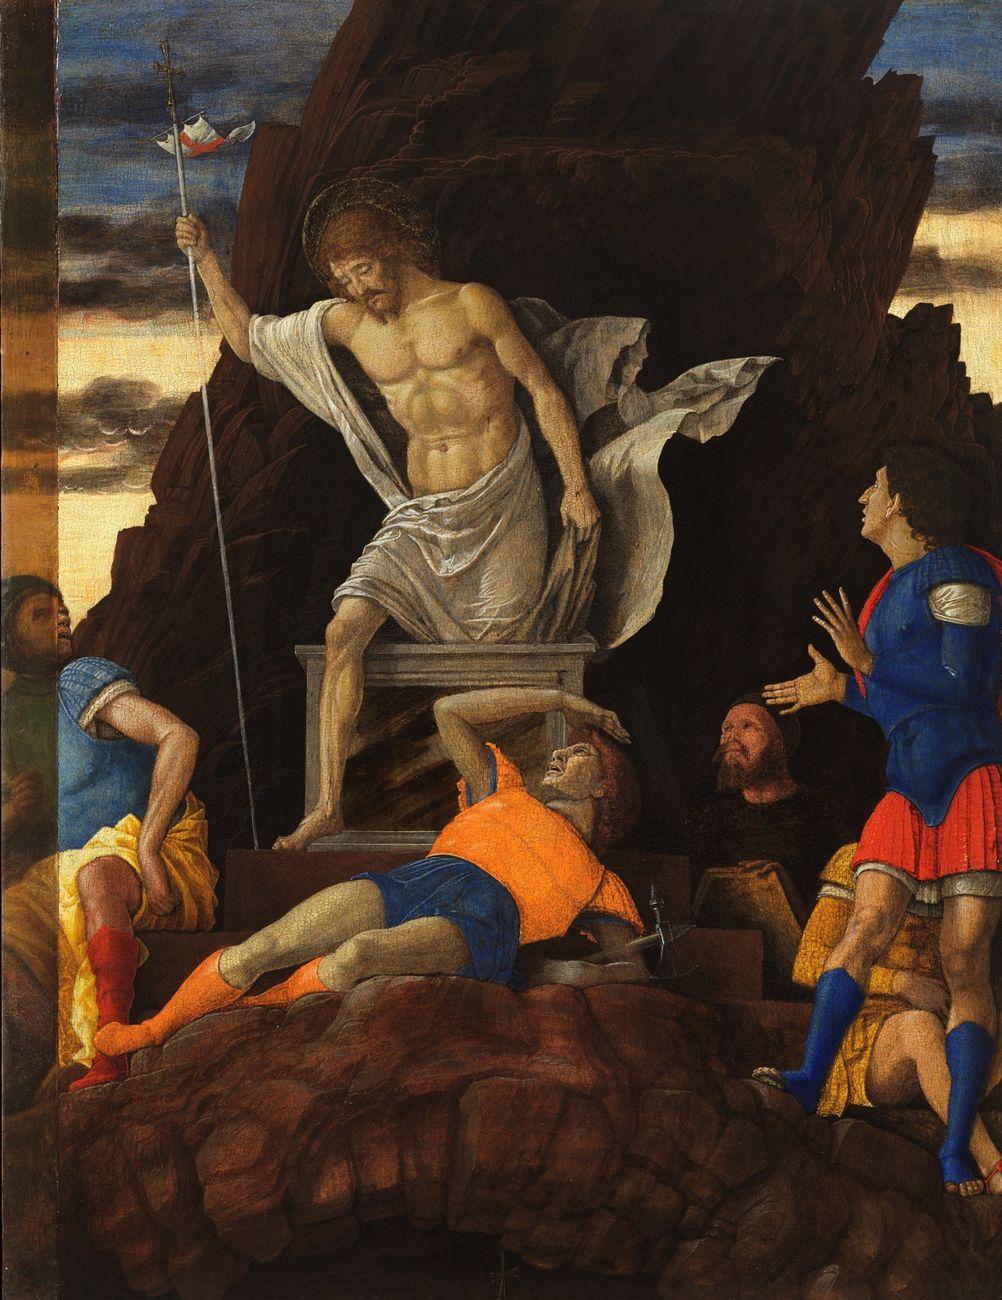 Andrea Mantegna, Resurrezione di Cristo, 1492 ca. Accademia Carrara, Bergamo